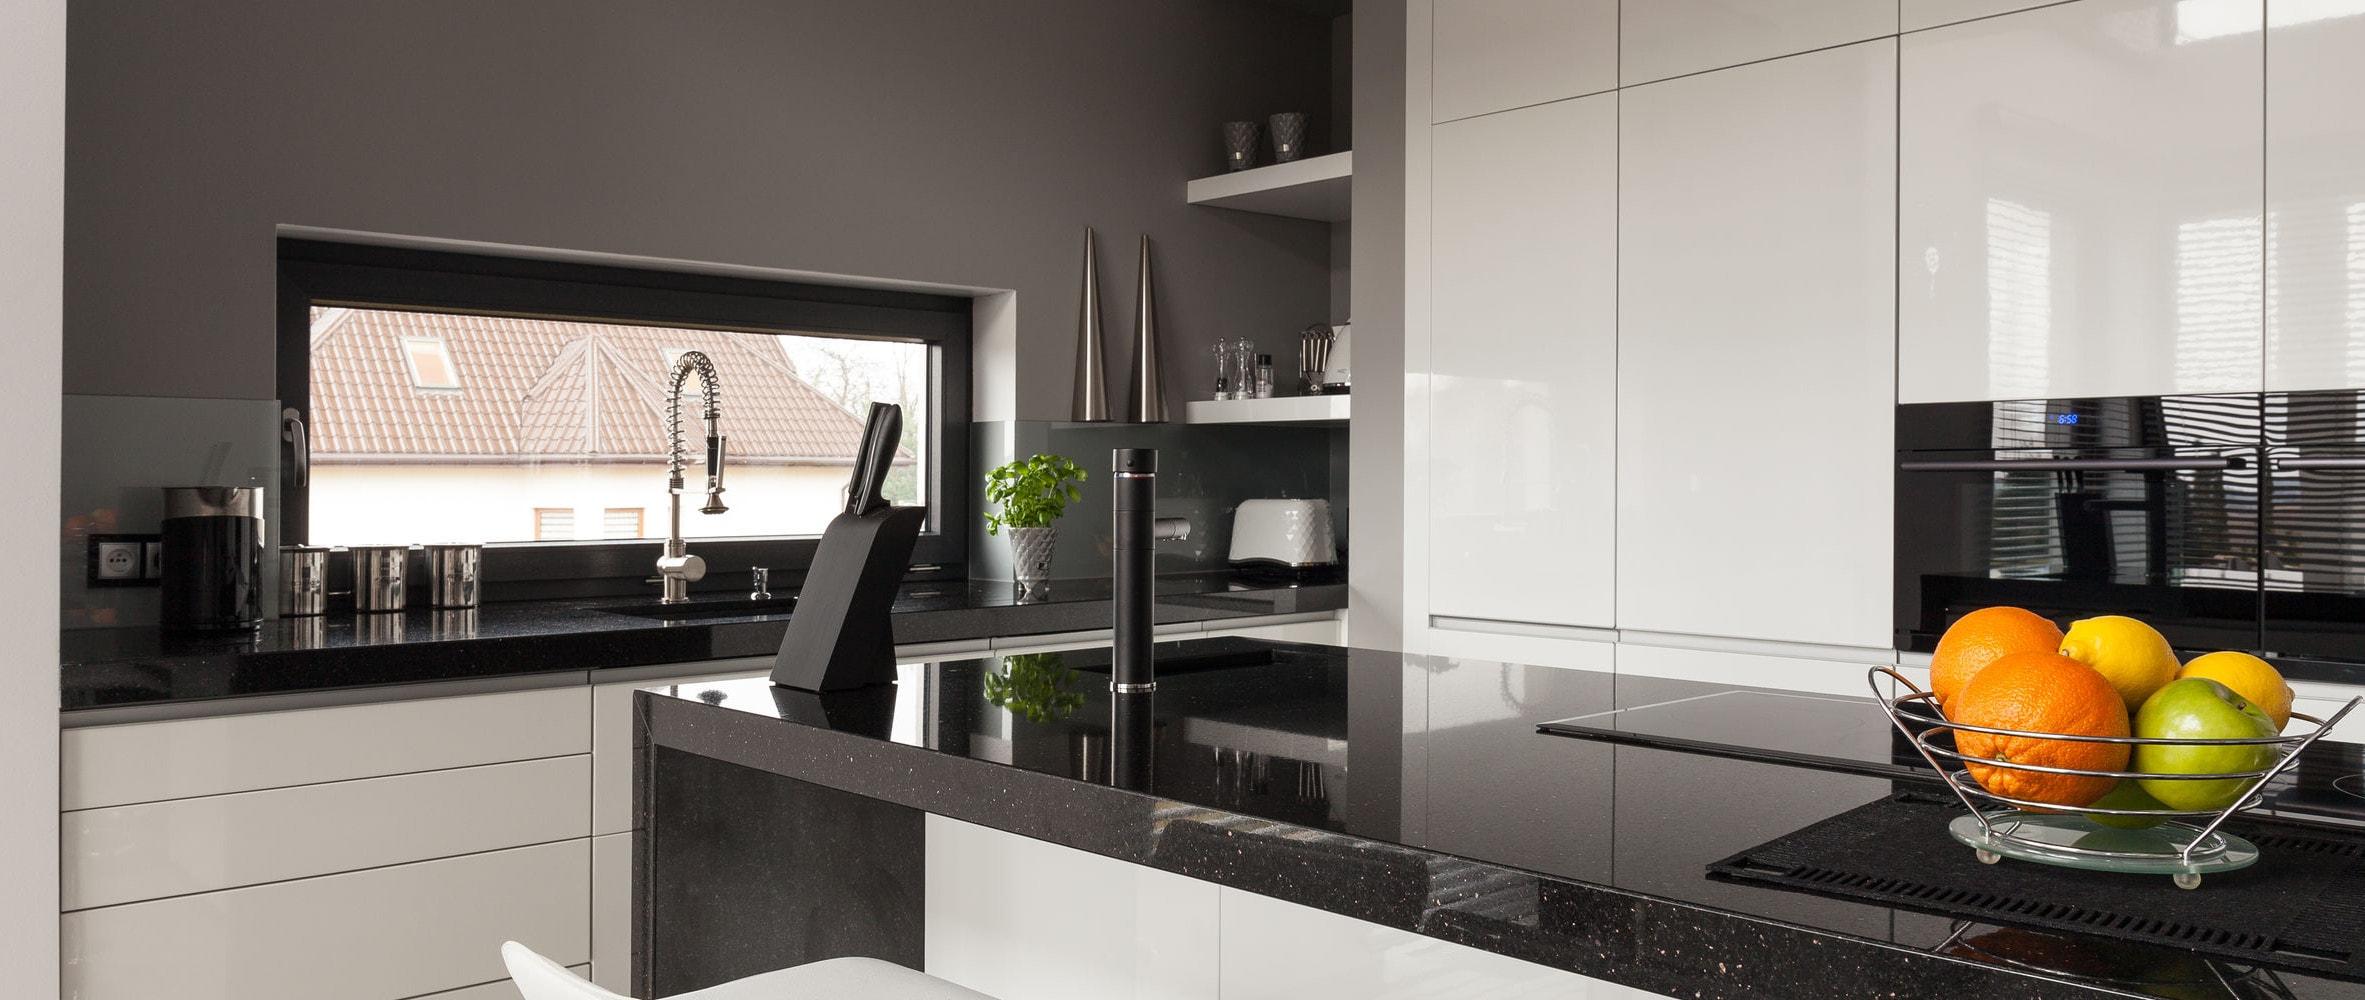 Cocina Integral con Cubierta de Granito Natual Black Galaxy. Creamos espacios funcionales.